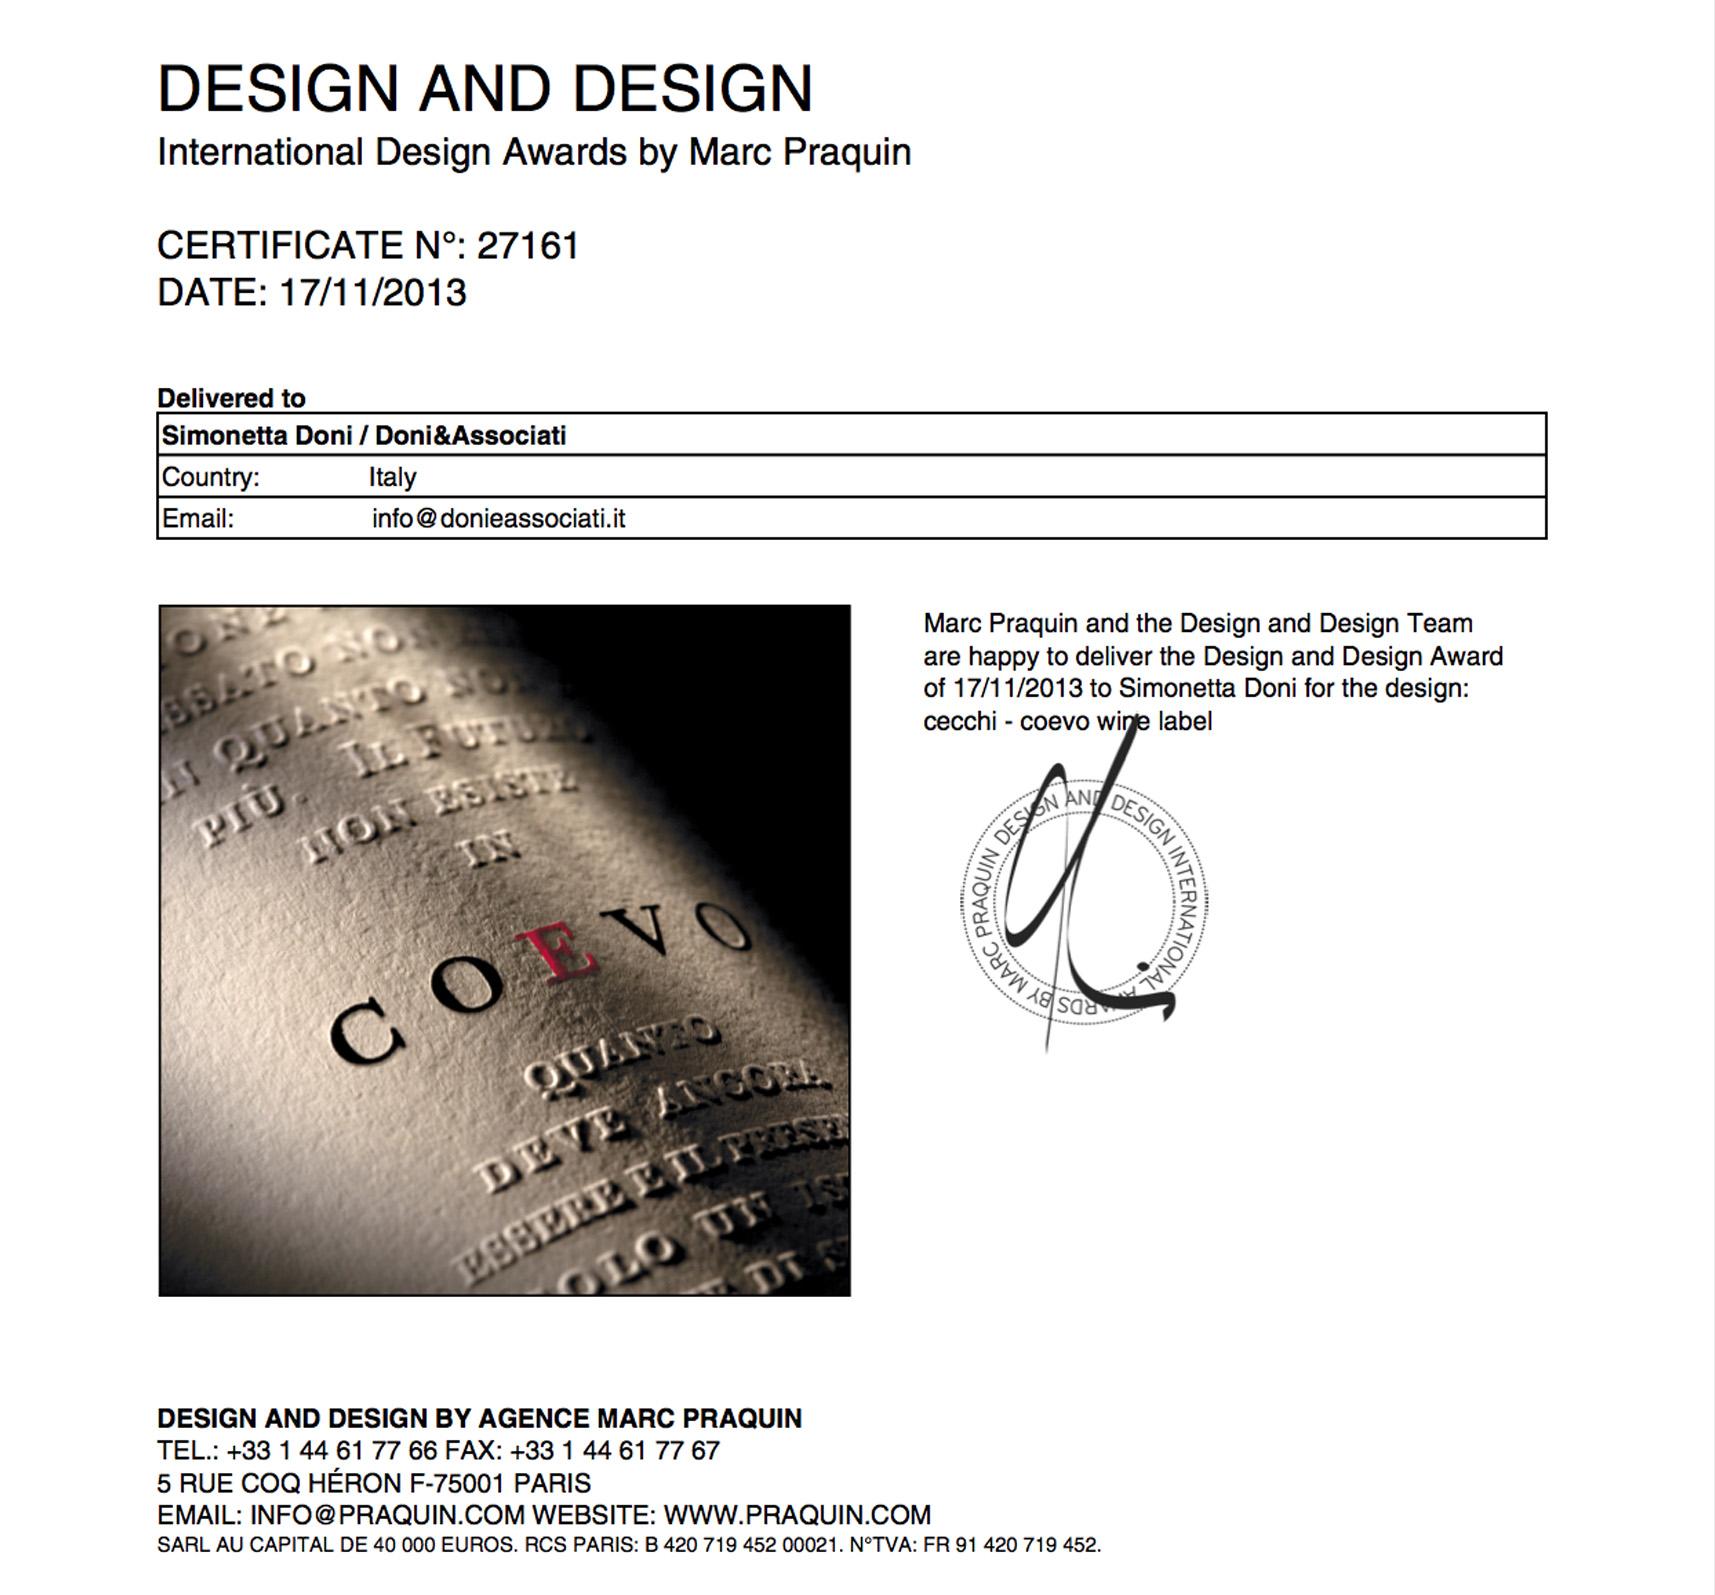 doni-design-coevo-cecchi-award-2013